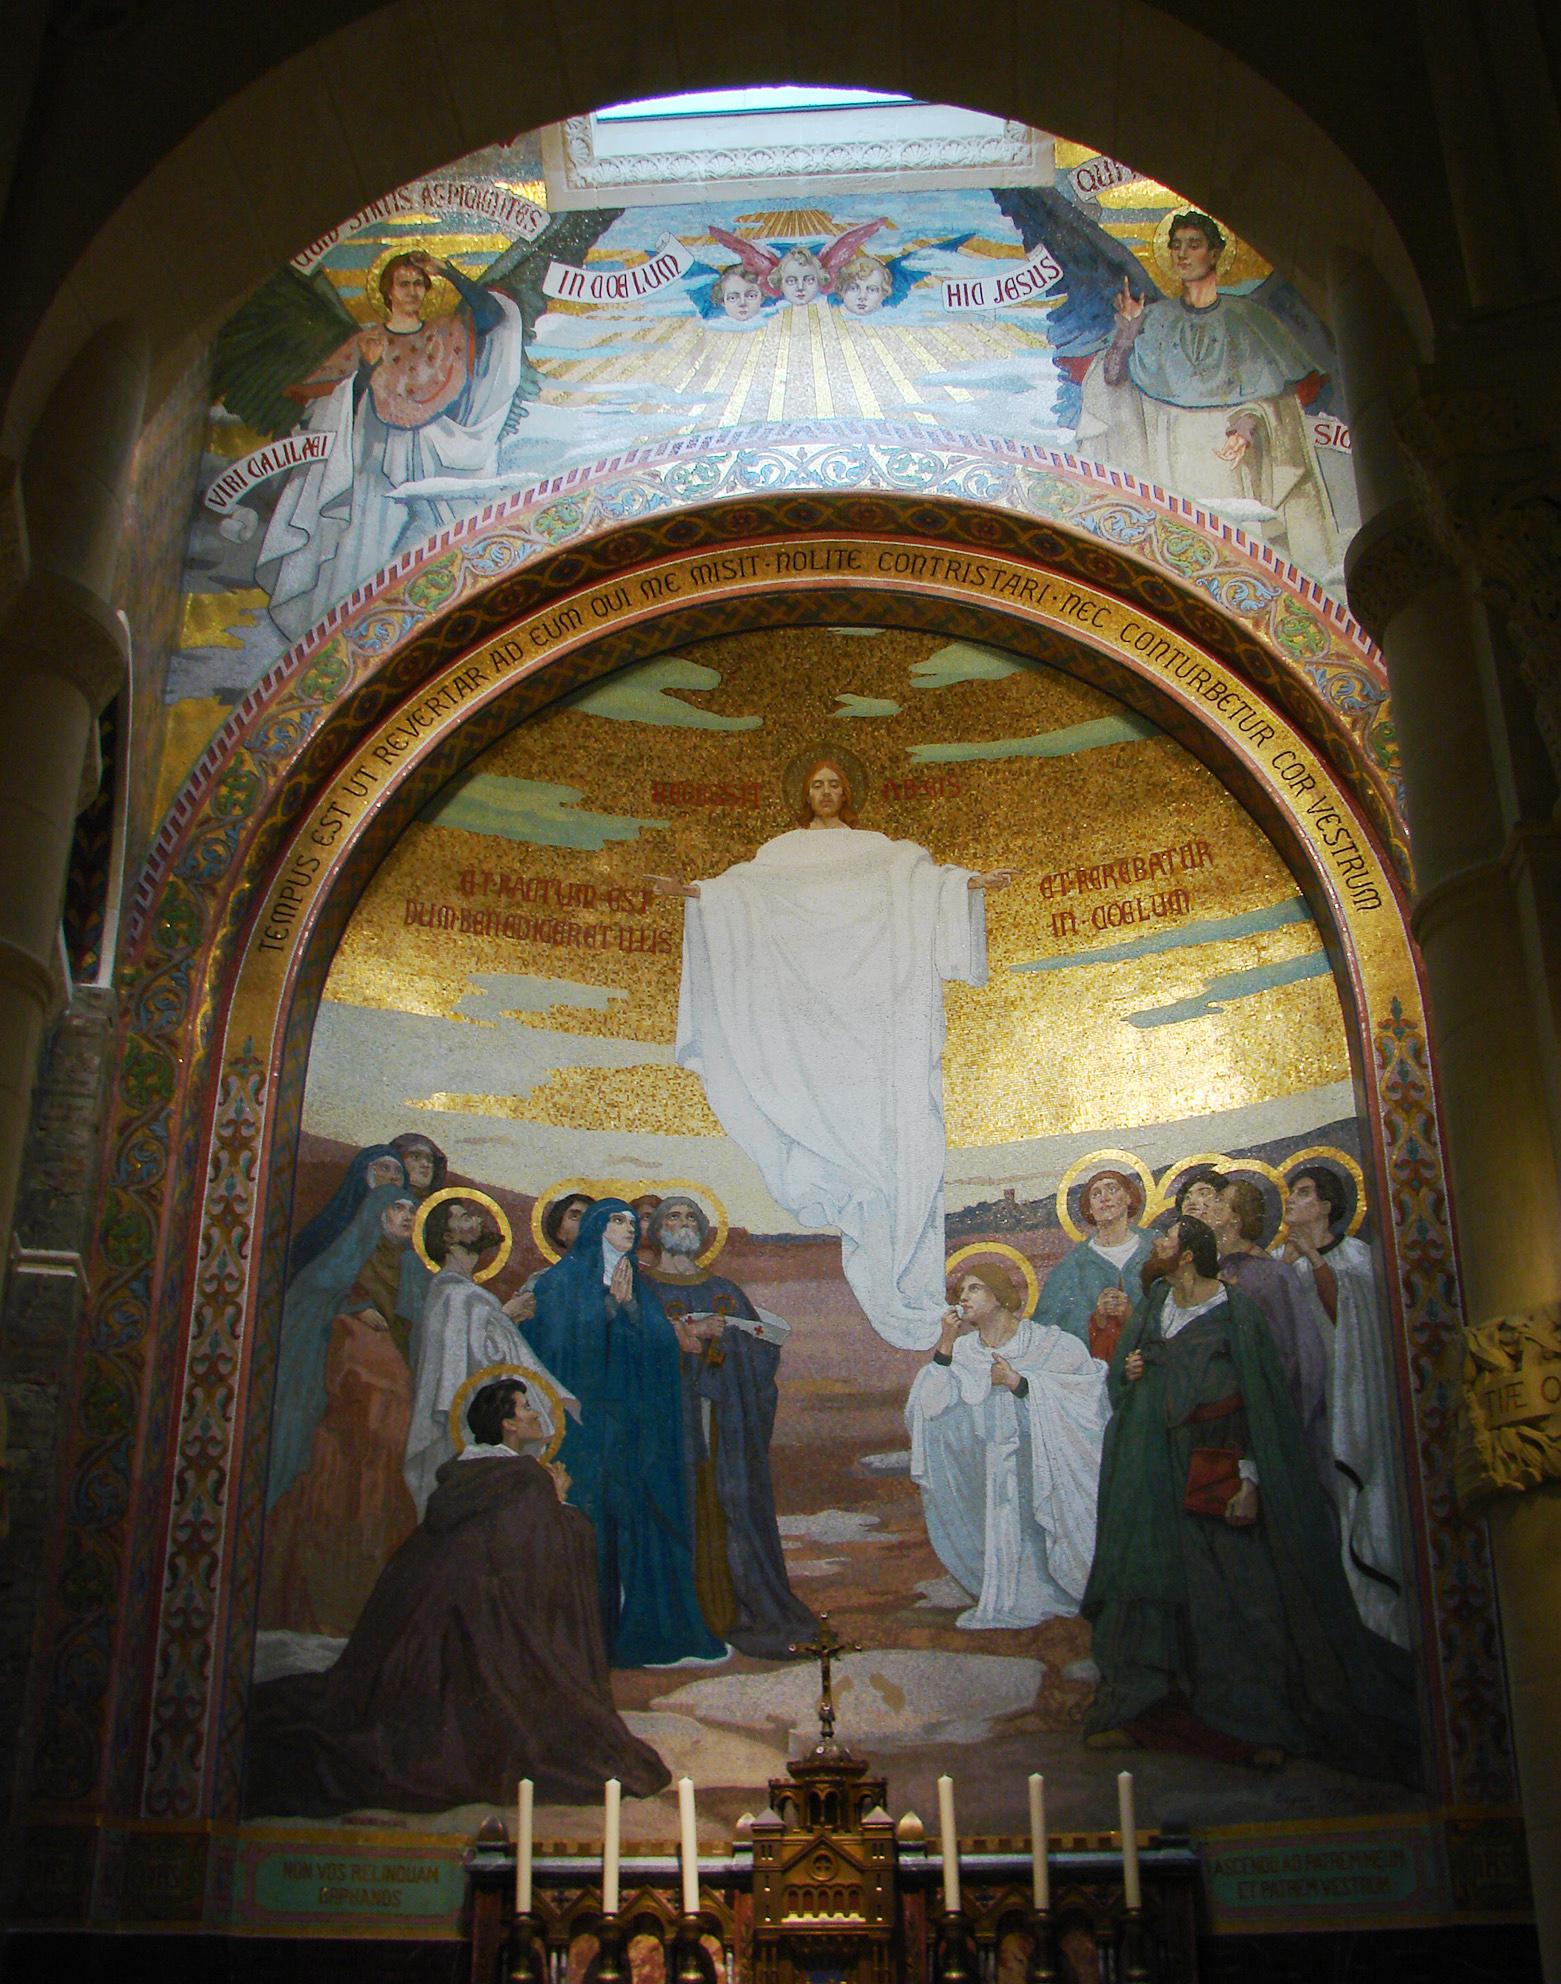 Mosaïque d'une des chapelles de la Basilique Notre-Dame du Rosaire (niveau inférieur) : l'Ascension. dans immagini sacre ND_Rosaire_mosa%C3%AFque_03